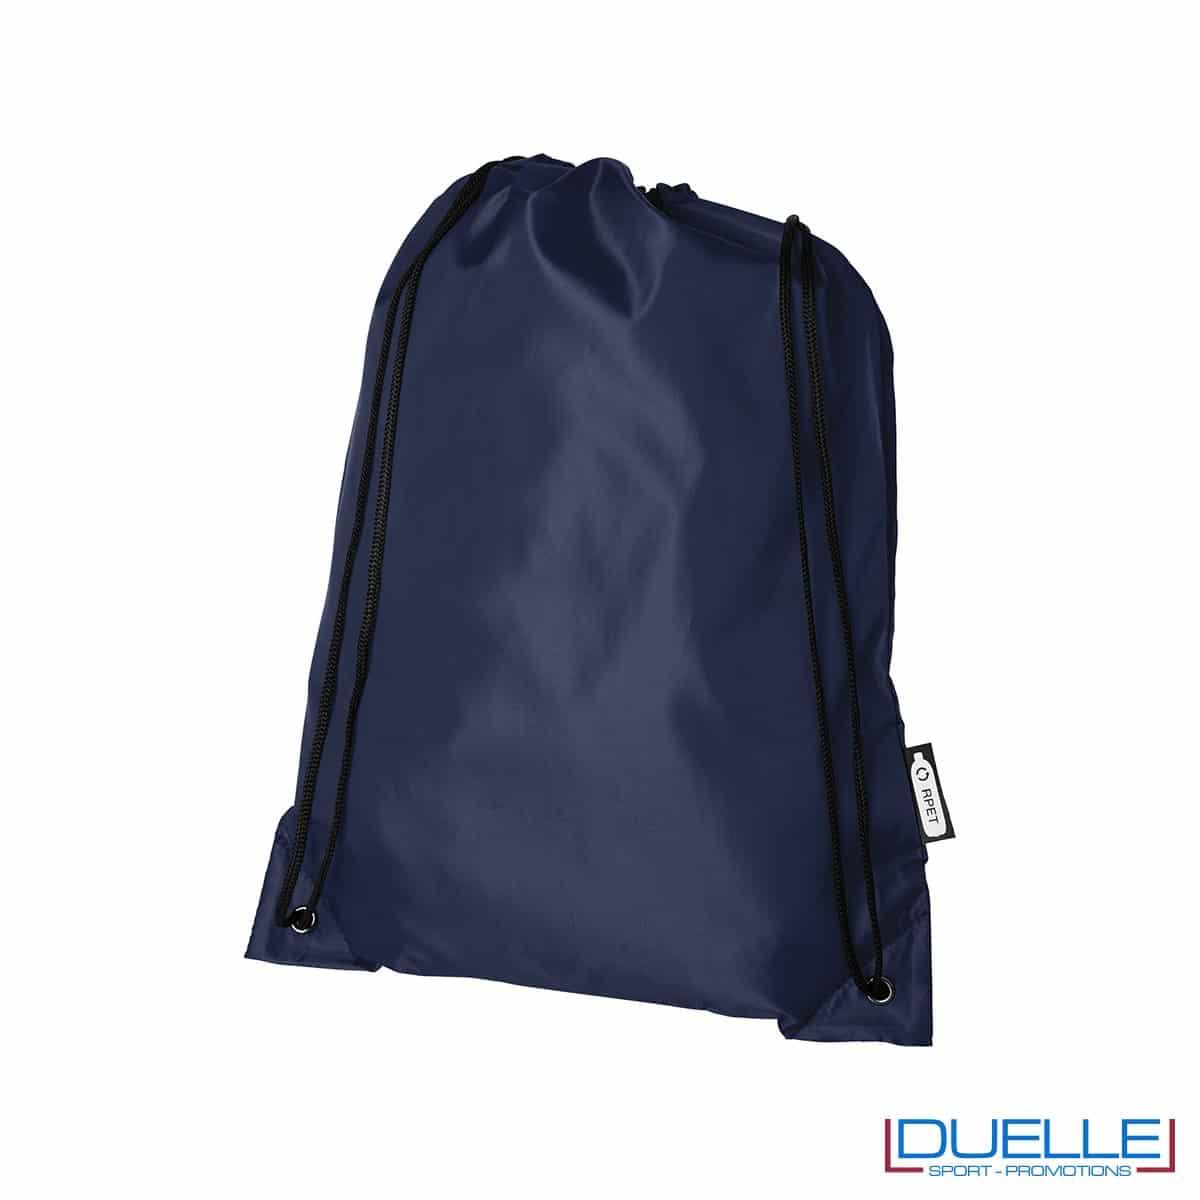 zainetto economico in plastica riciclata colore blu navy